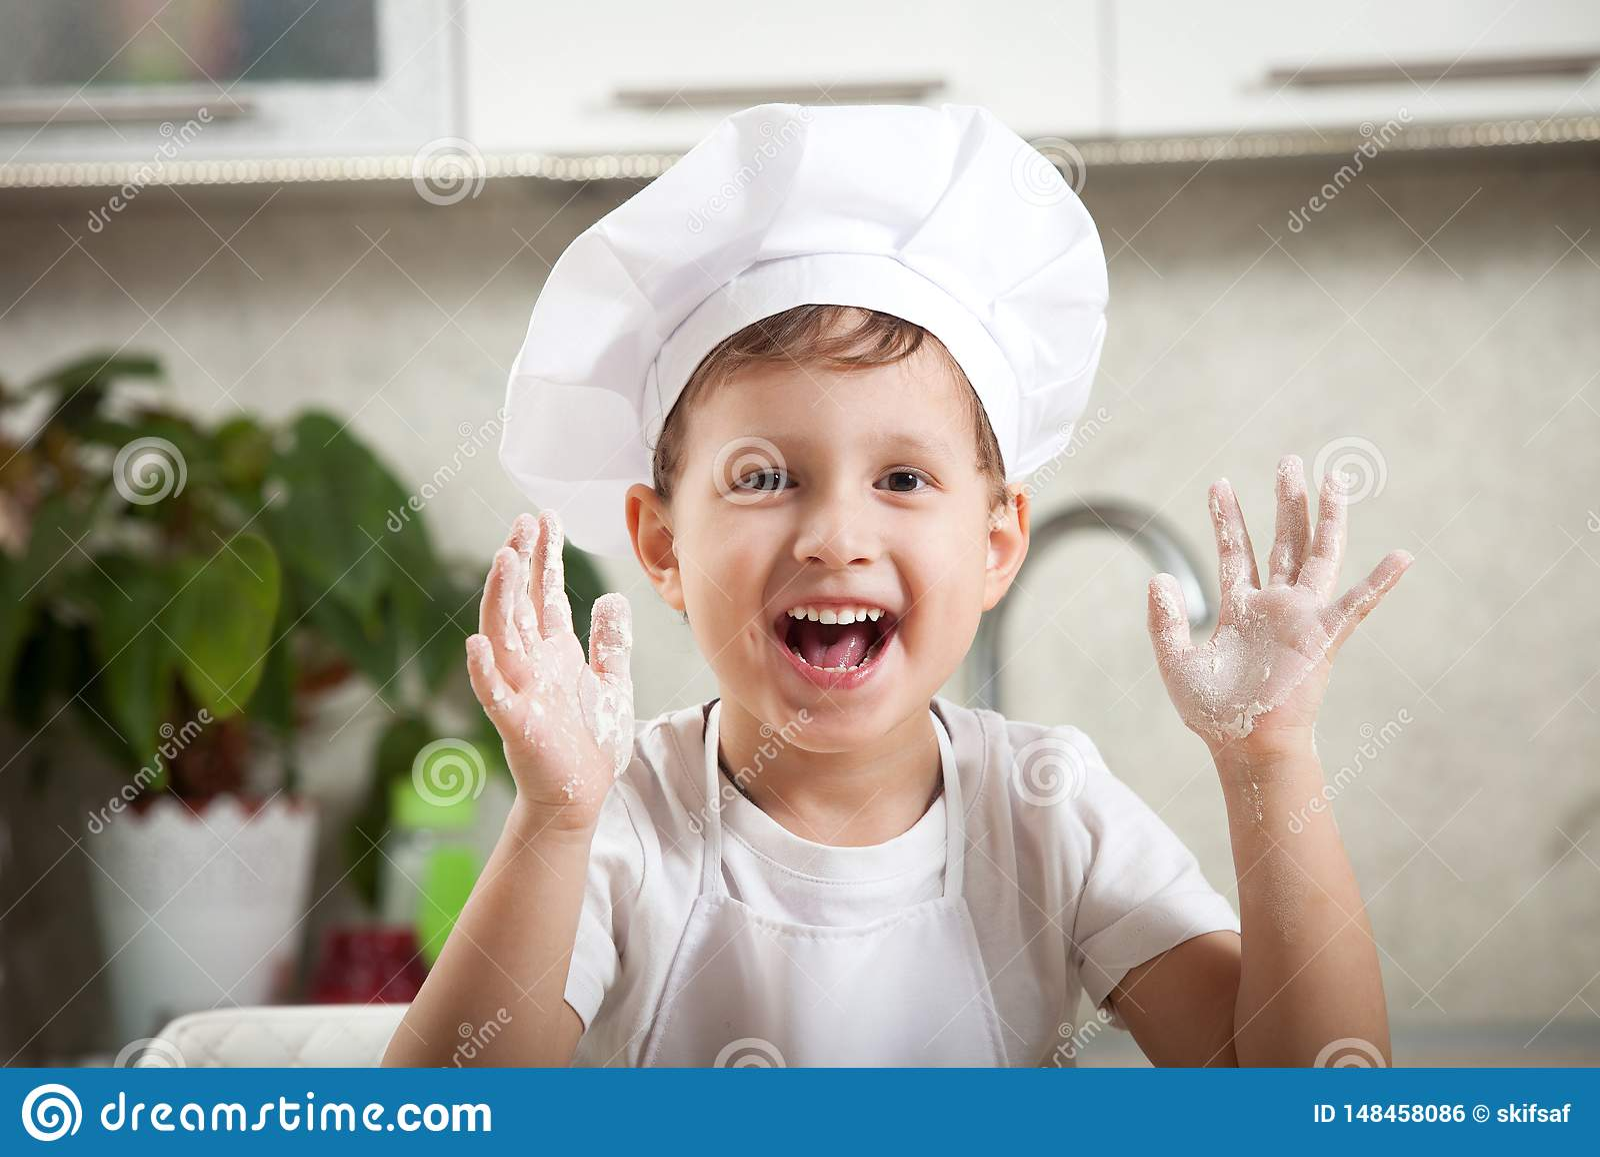 Śmieszny dziecko z mąką, szczęśliwa emocjonalna chłopiec ono uśmiecha się szczęśliwie